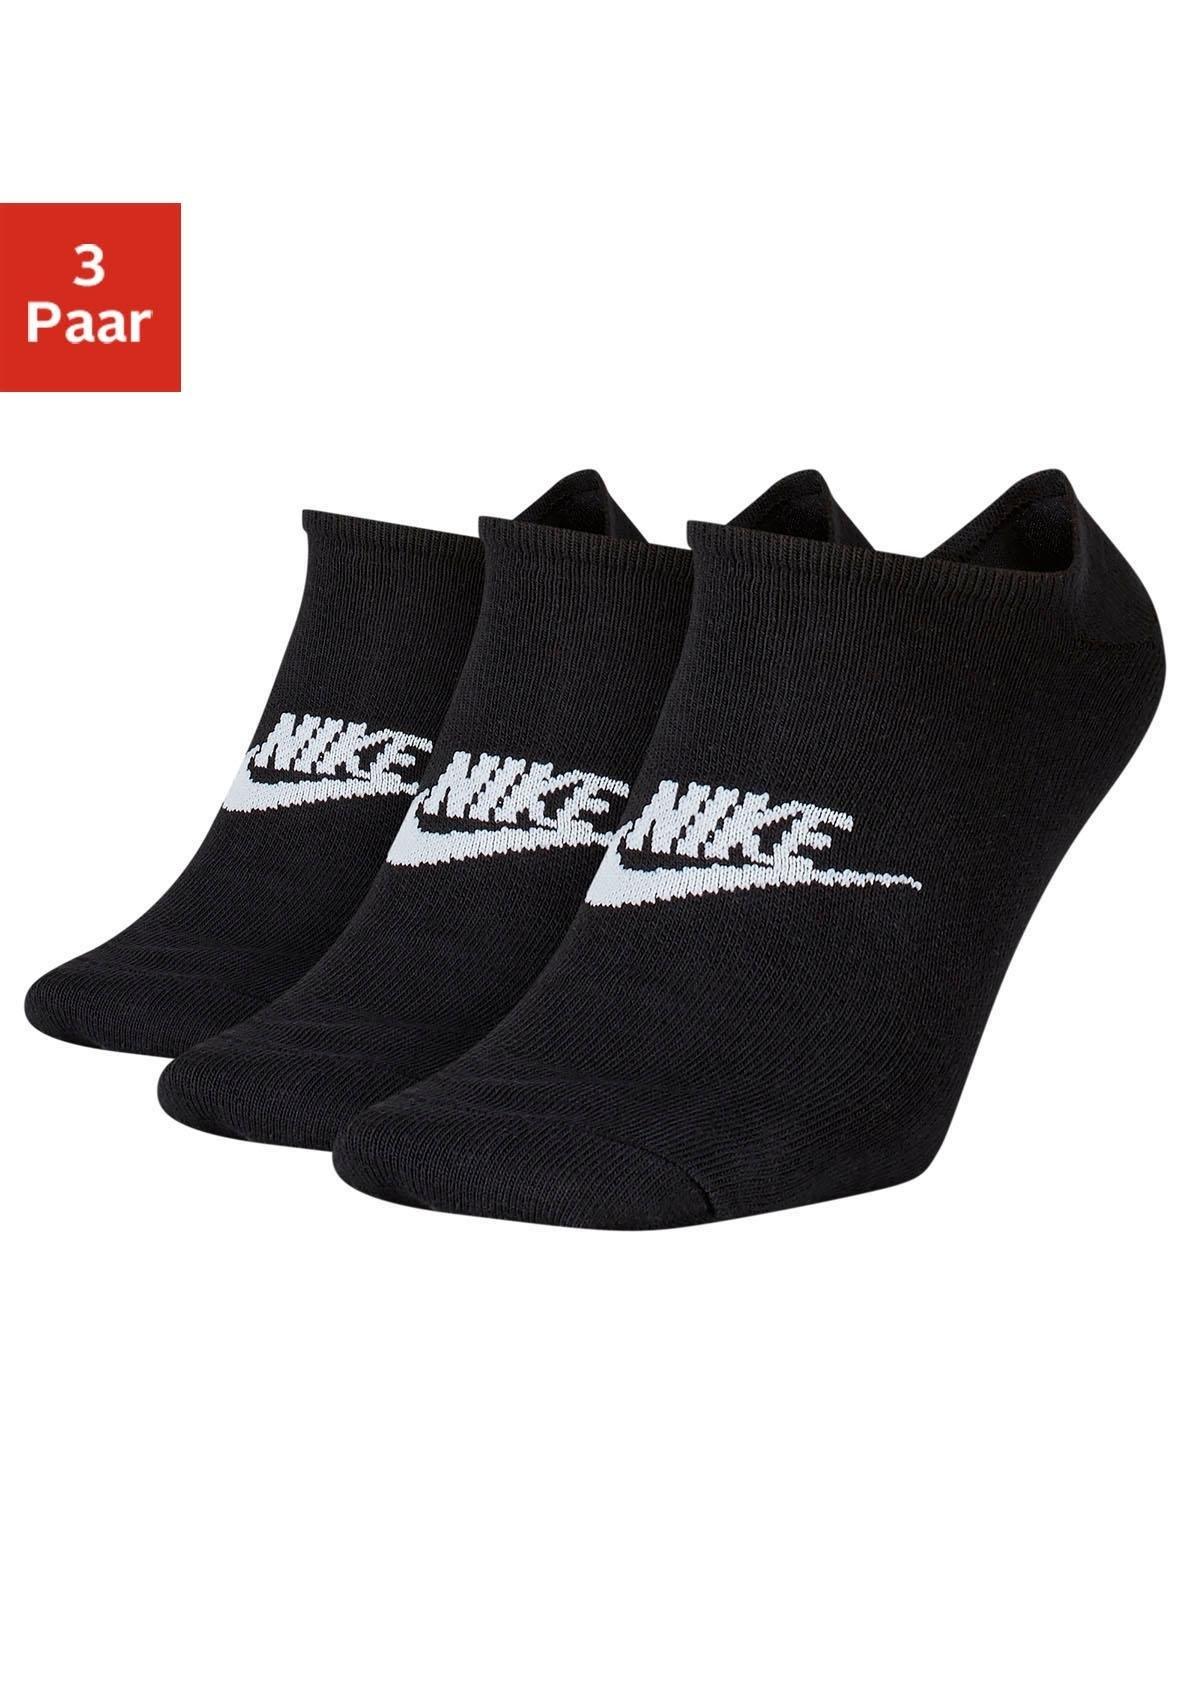 Nike sneakersokken met logo op de middenvoet (3 paar) in de webshop van Lascana kopen